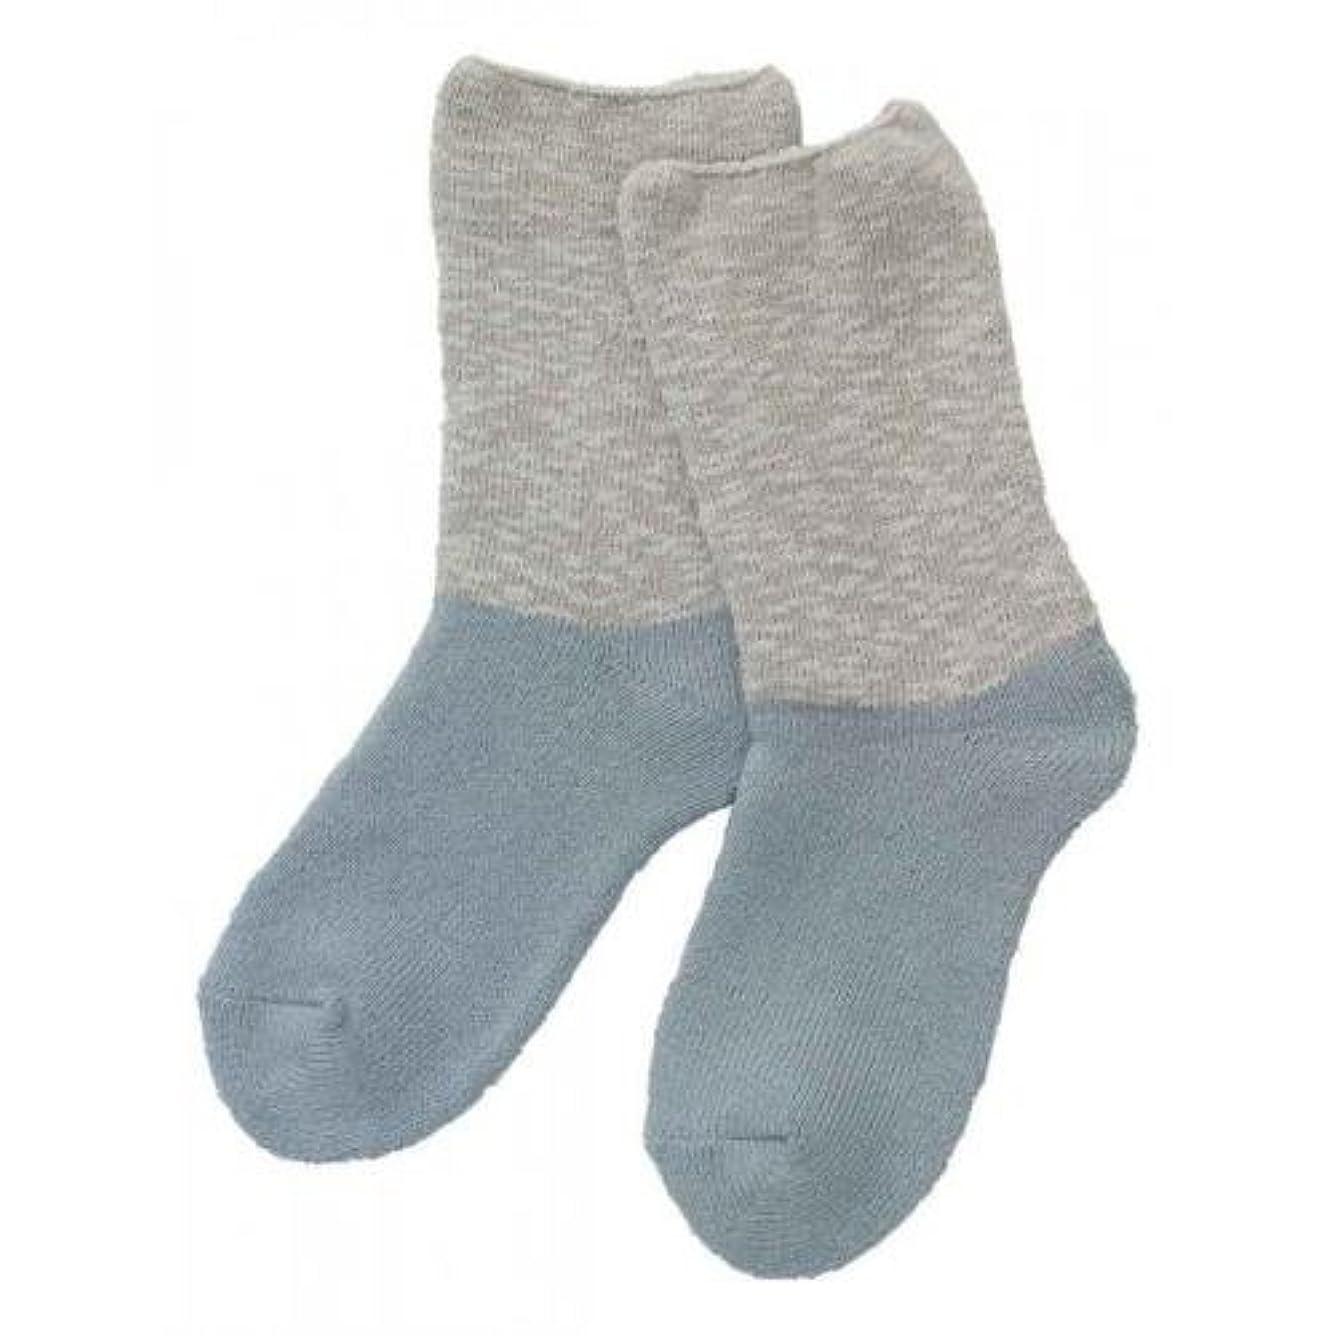 うま味方マルクス主義Carelance(ケアランス)お風呂上りのやさしい靴下 綿麻パイルで足先さわやか 8706CA-70 ブルー